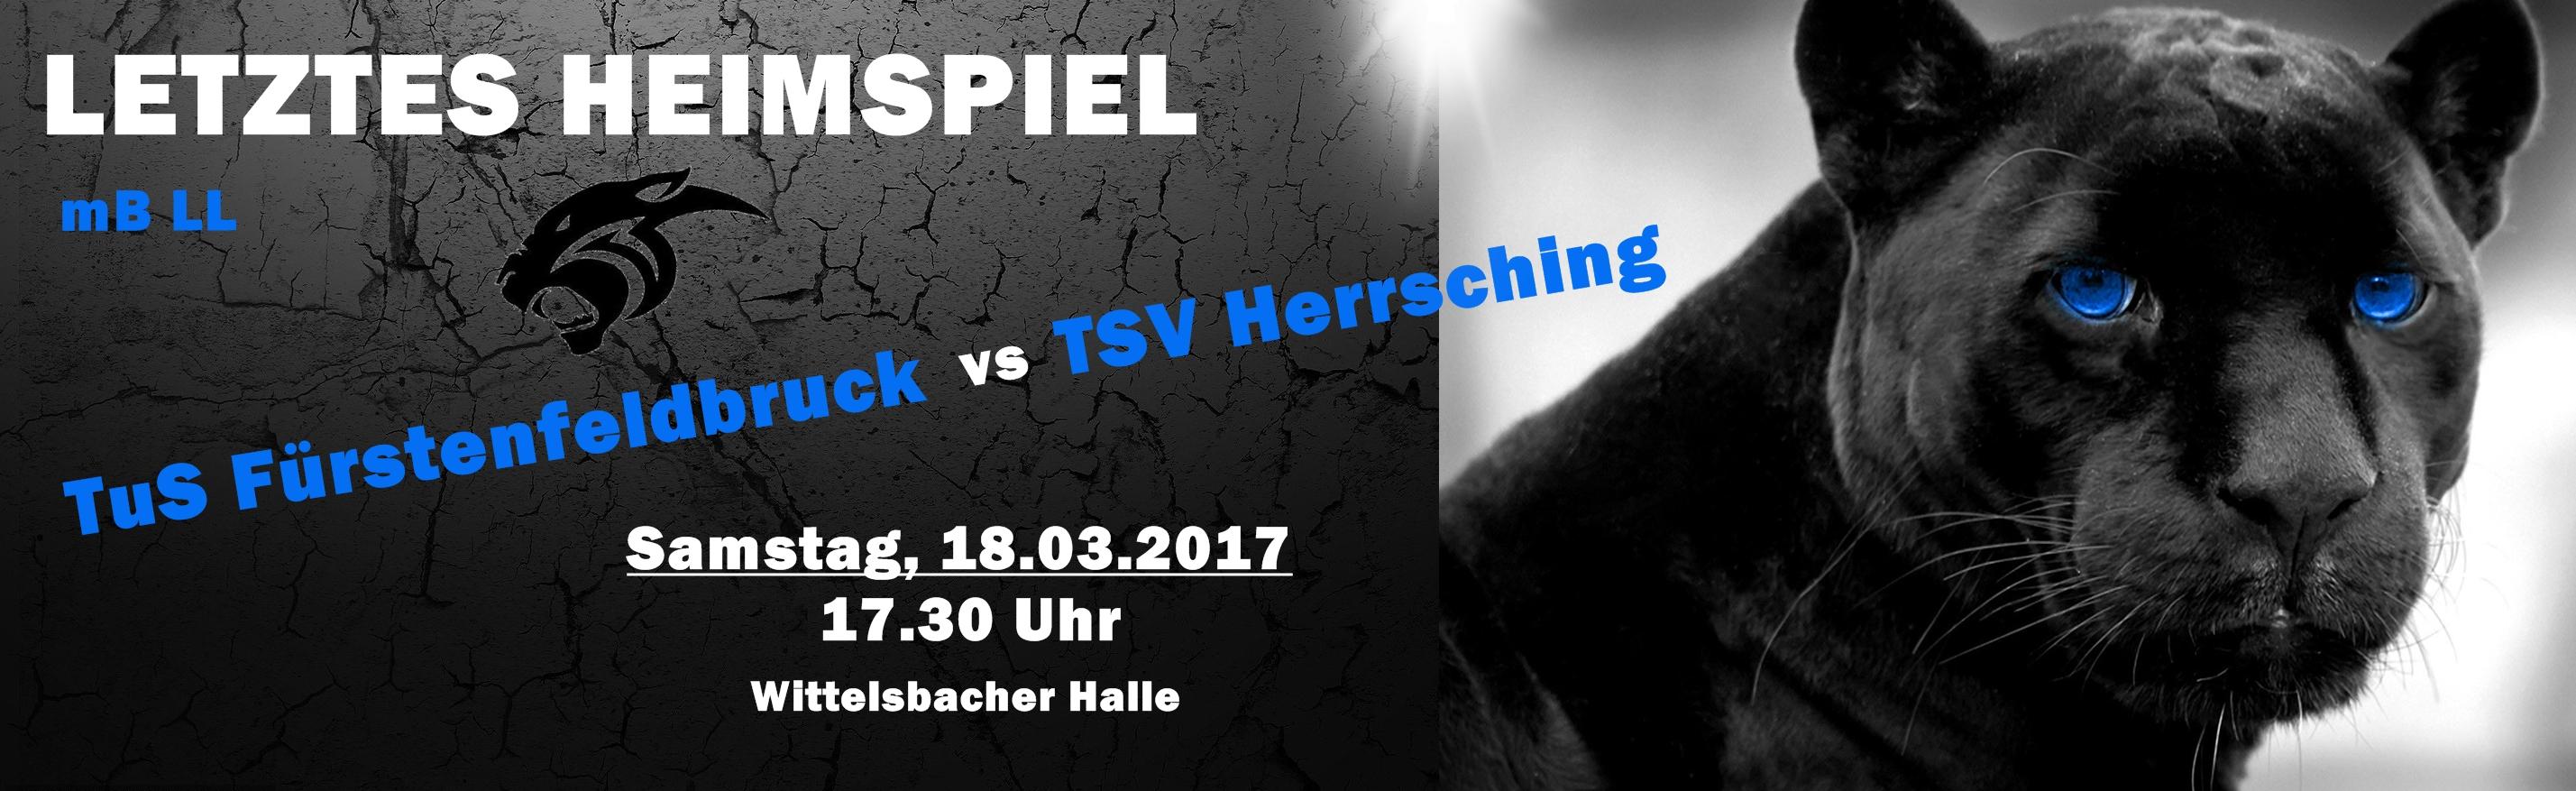 Banner Spiel Herrsching - 18.03.2017